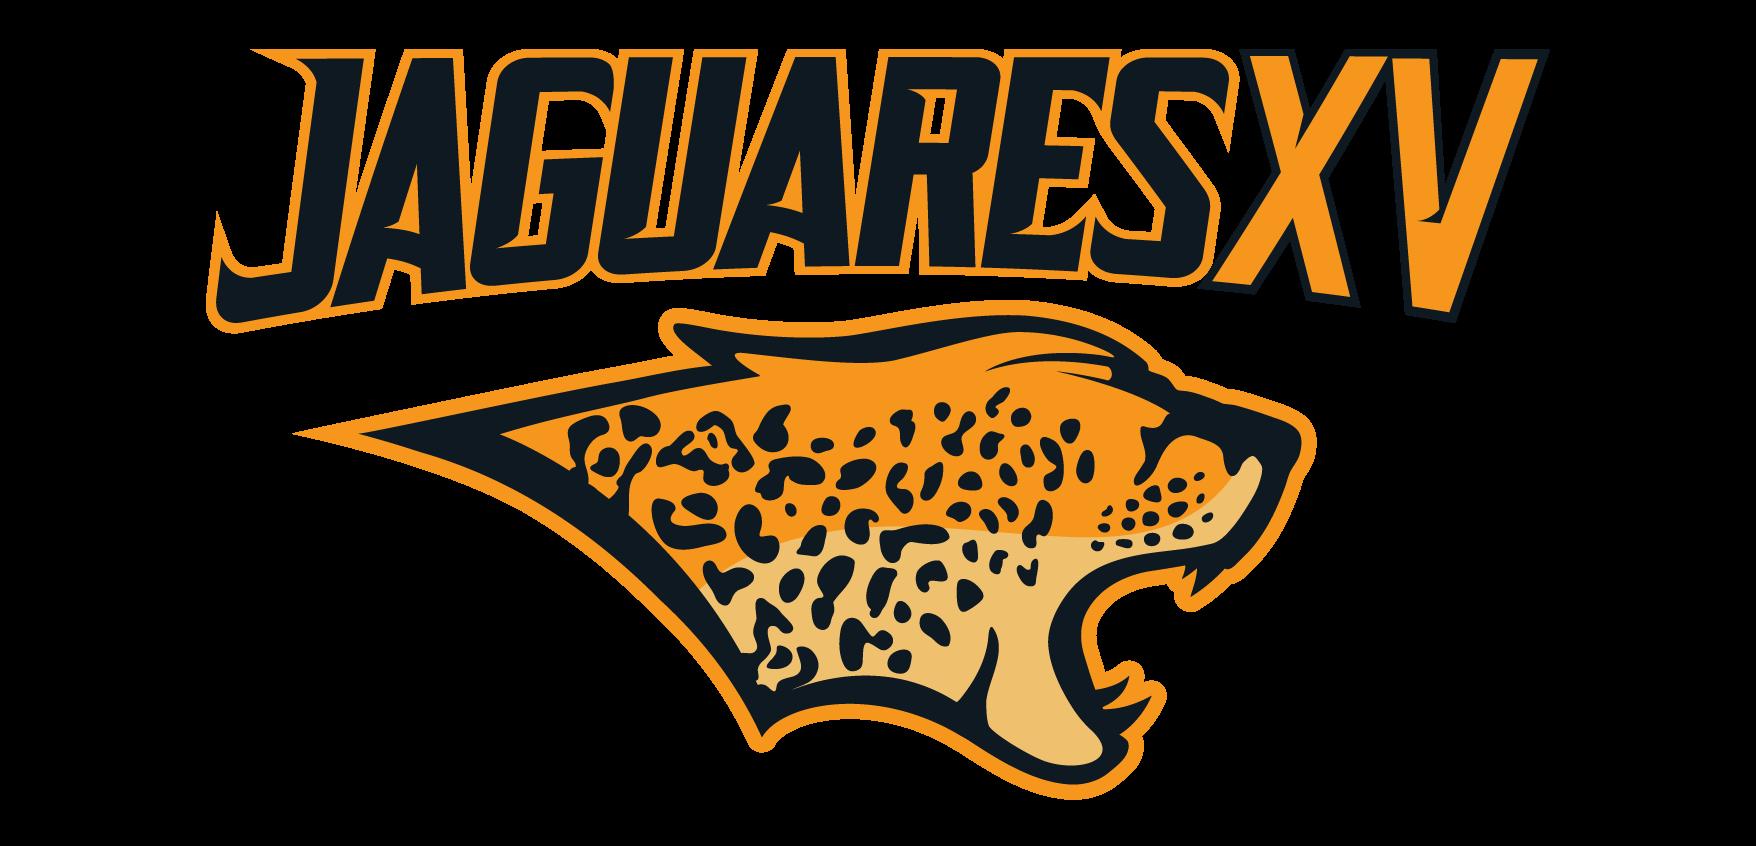 El equipo argentino en SLAR será Jaguares XV